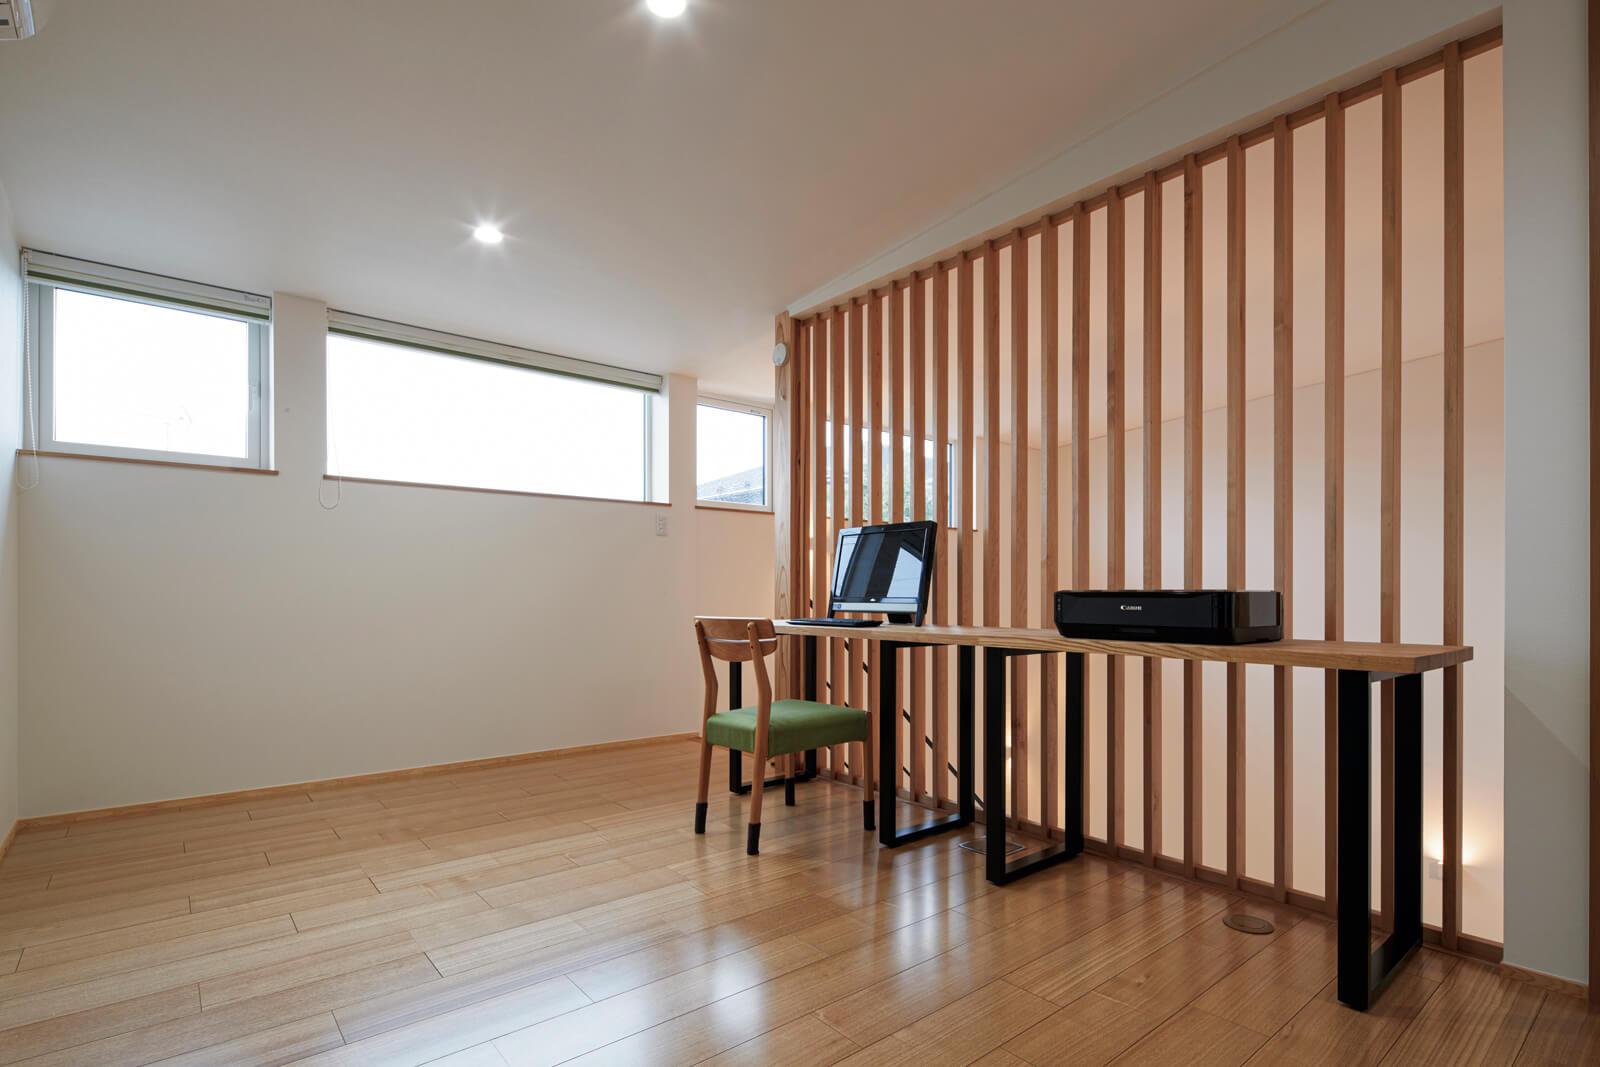 カウンターが造作された2階ホール。エアコンの冷風が1階に下りていくようルーバーの仕切りを採用